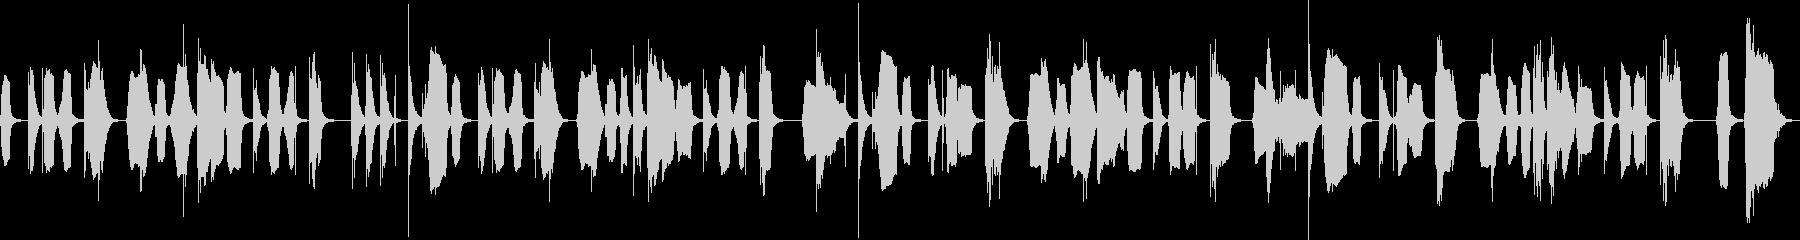 呑気なBGMの未再生の波形